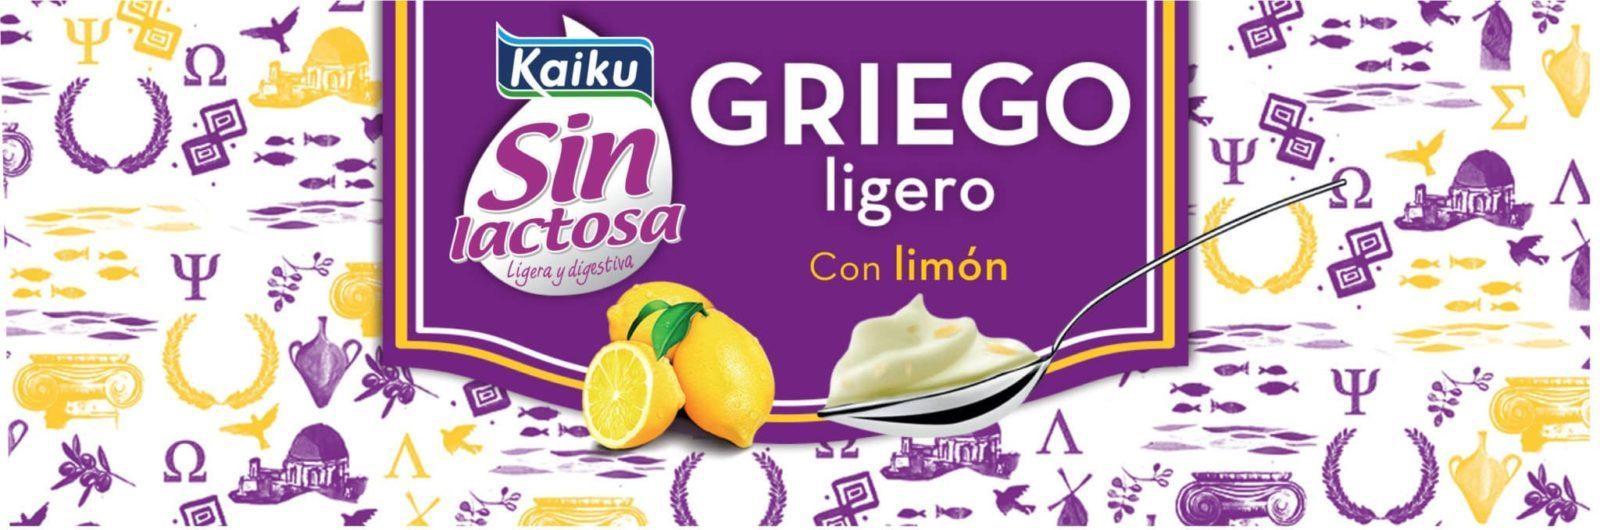 diseño de packaging alimenticio españa